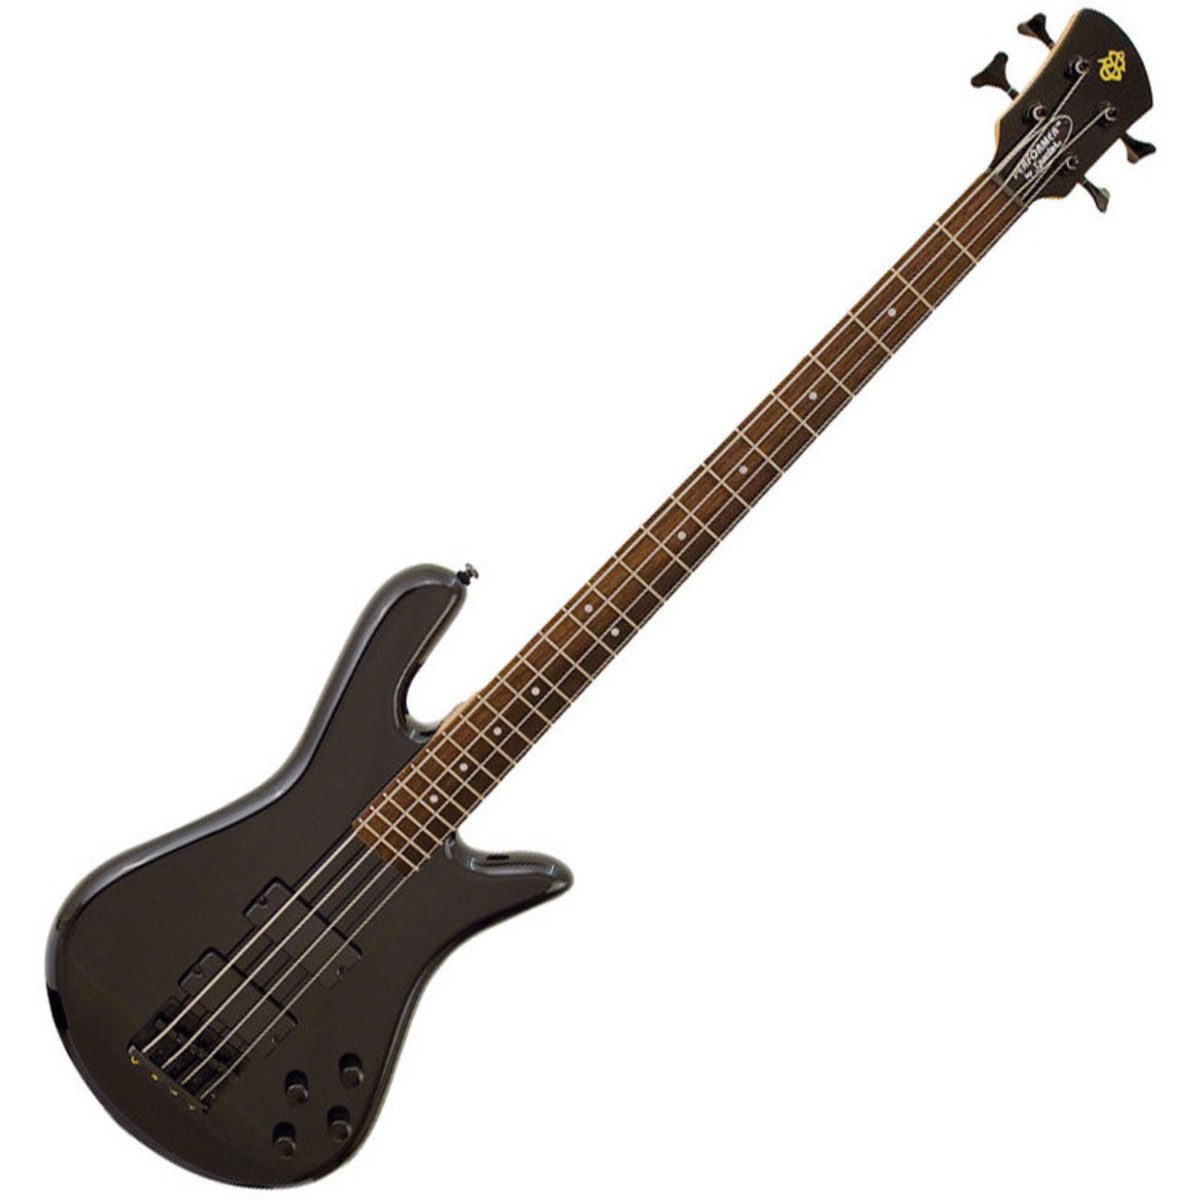 disc spector bass performer 4 bass guitar, black at gear4music